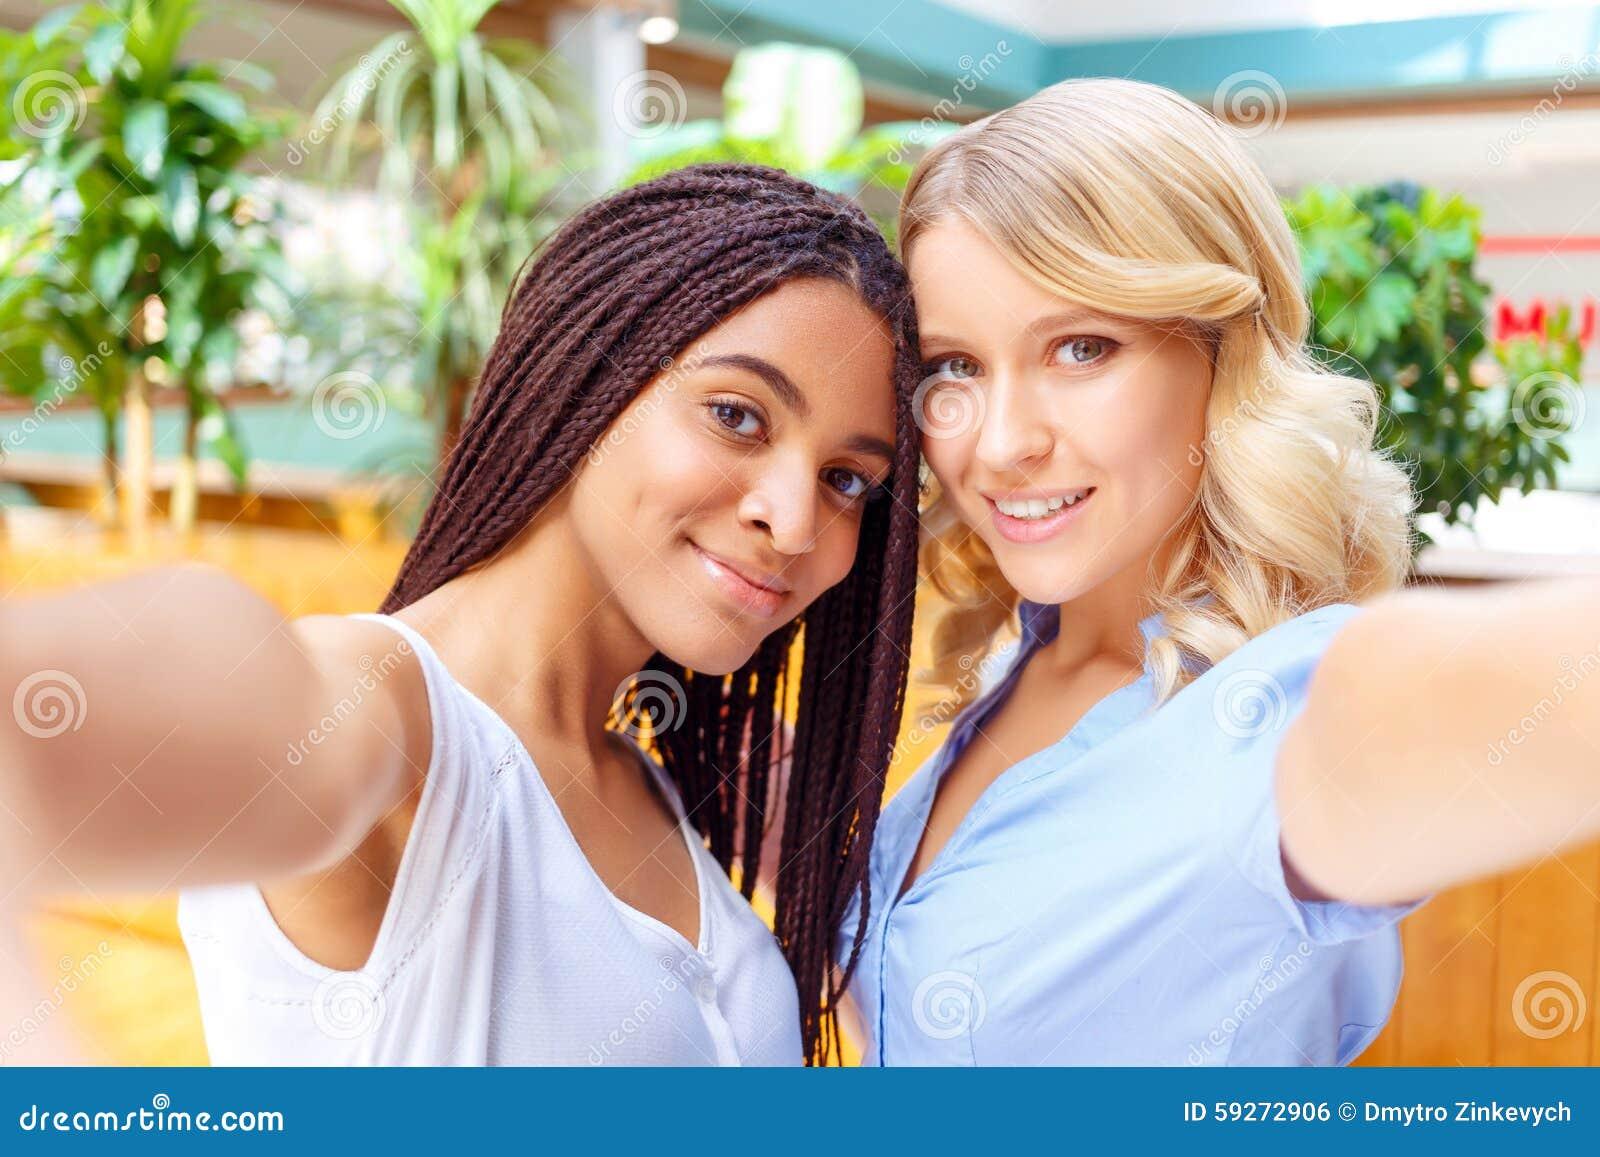 Οπτιμιστή κορίτσια που κάνουν selfie